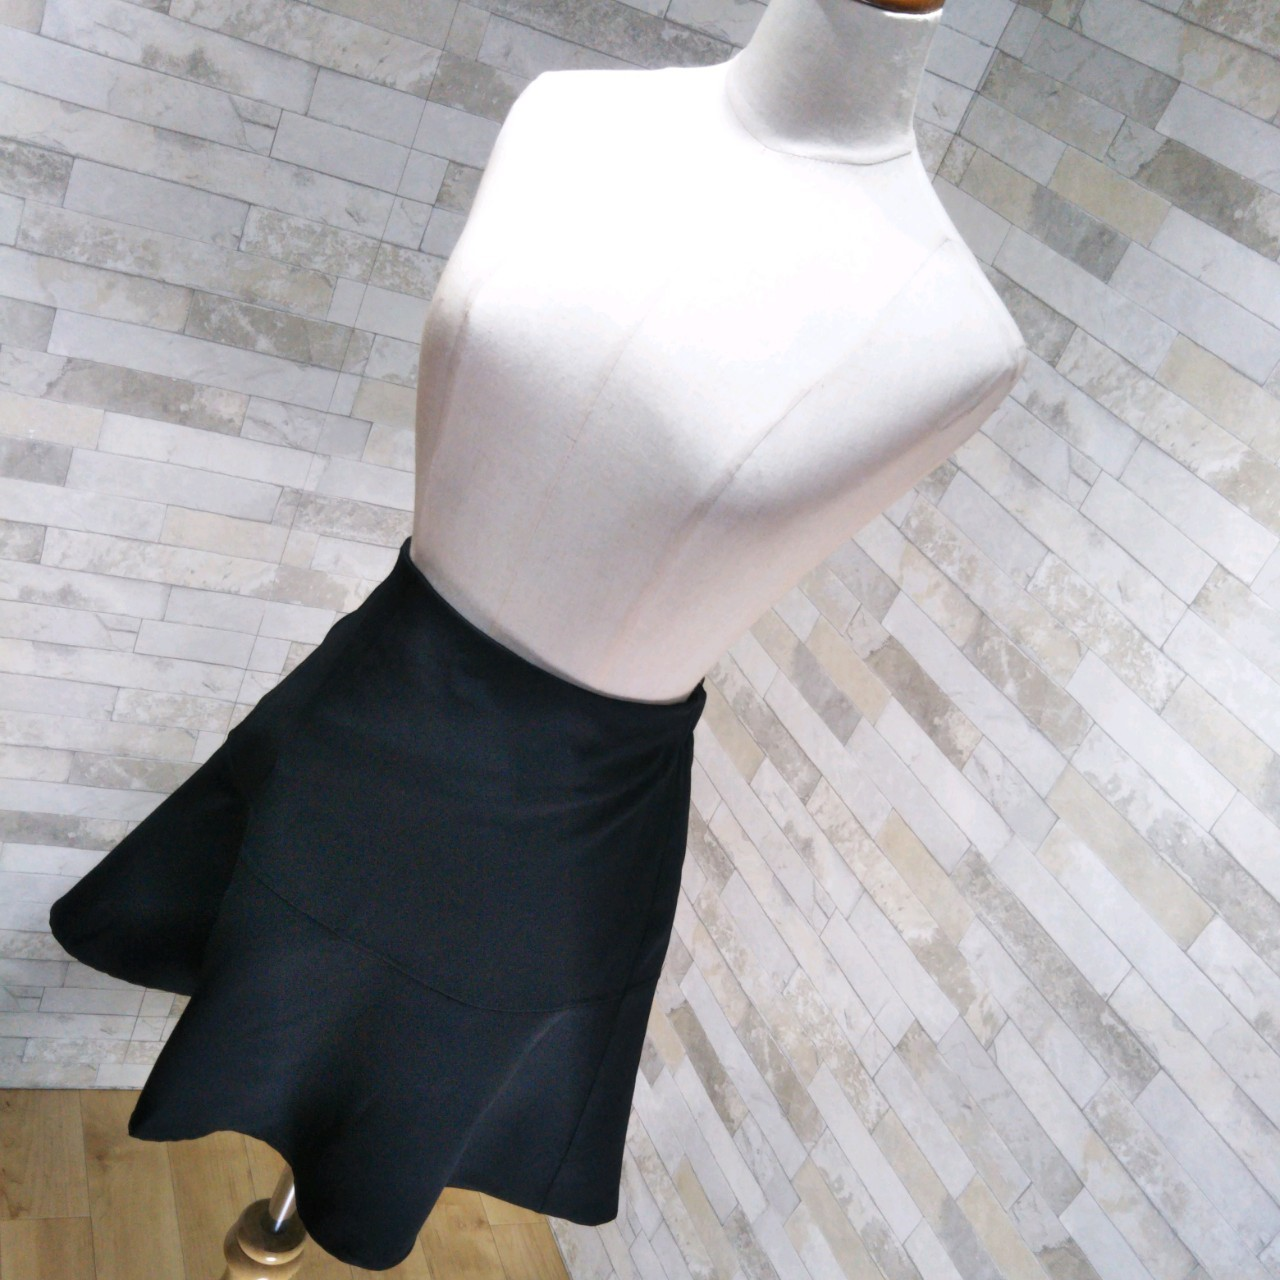 韓国 ファッション スカート ミニ ボトムス 春 夏 カジュアル PTXE657  アシンメトリー イレヘム 切り替え サーキュラー フレアスカート フェミニン  オルチャン シンプル 定番 セレカジの写真3枚目